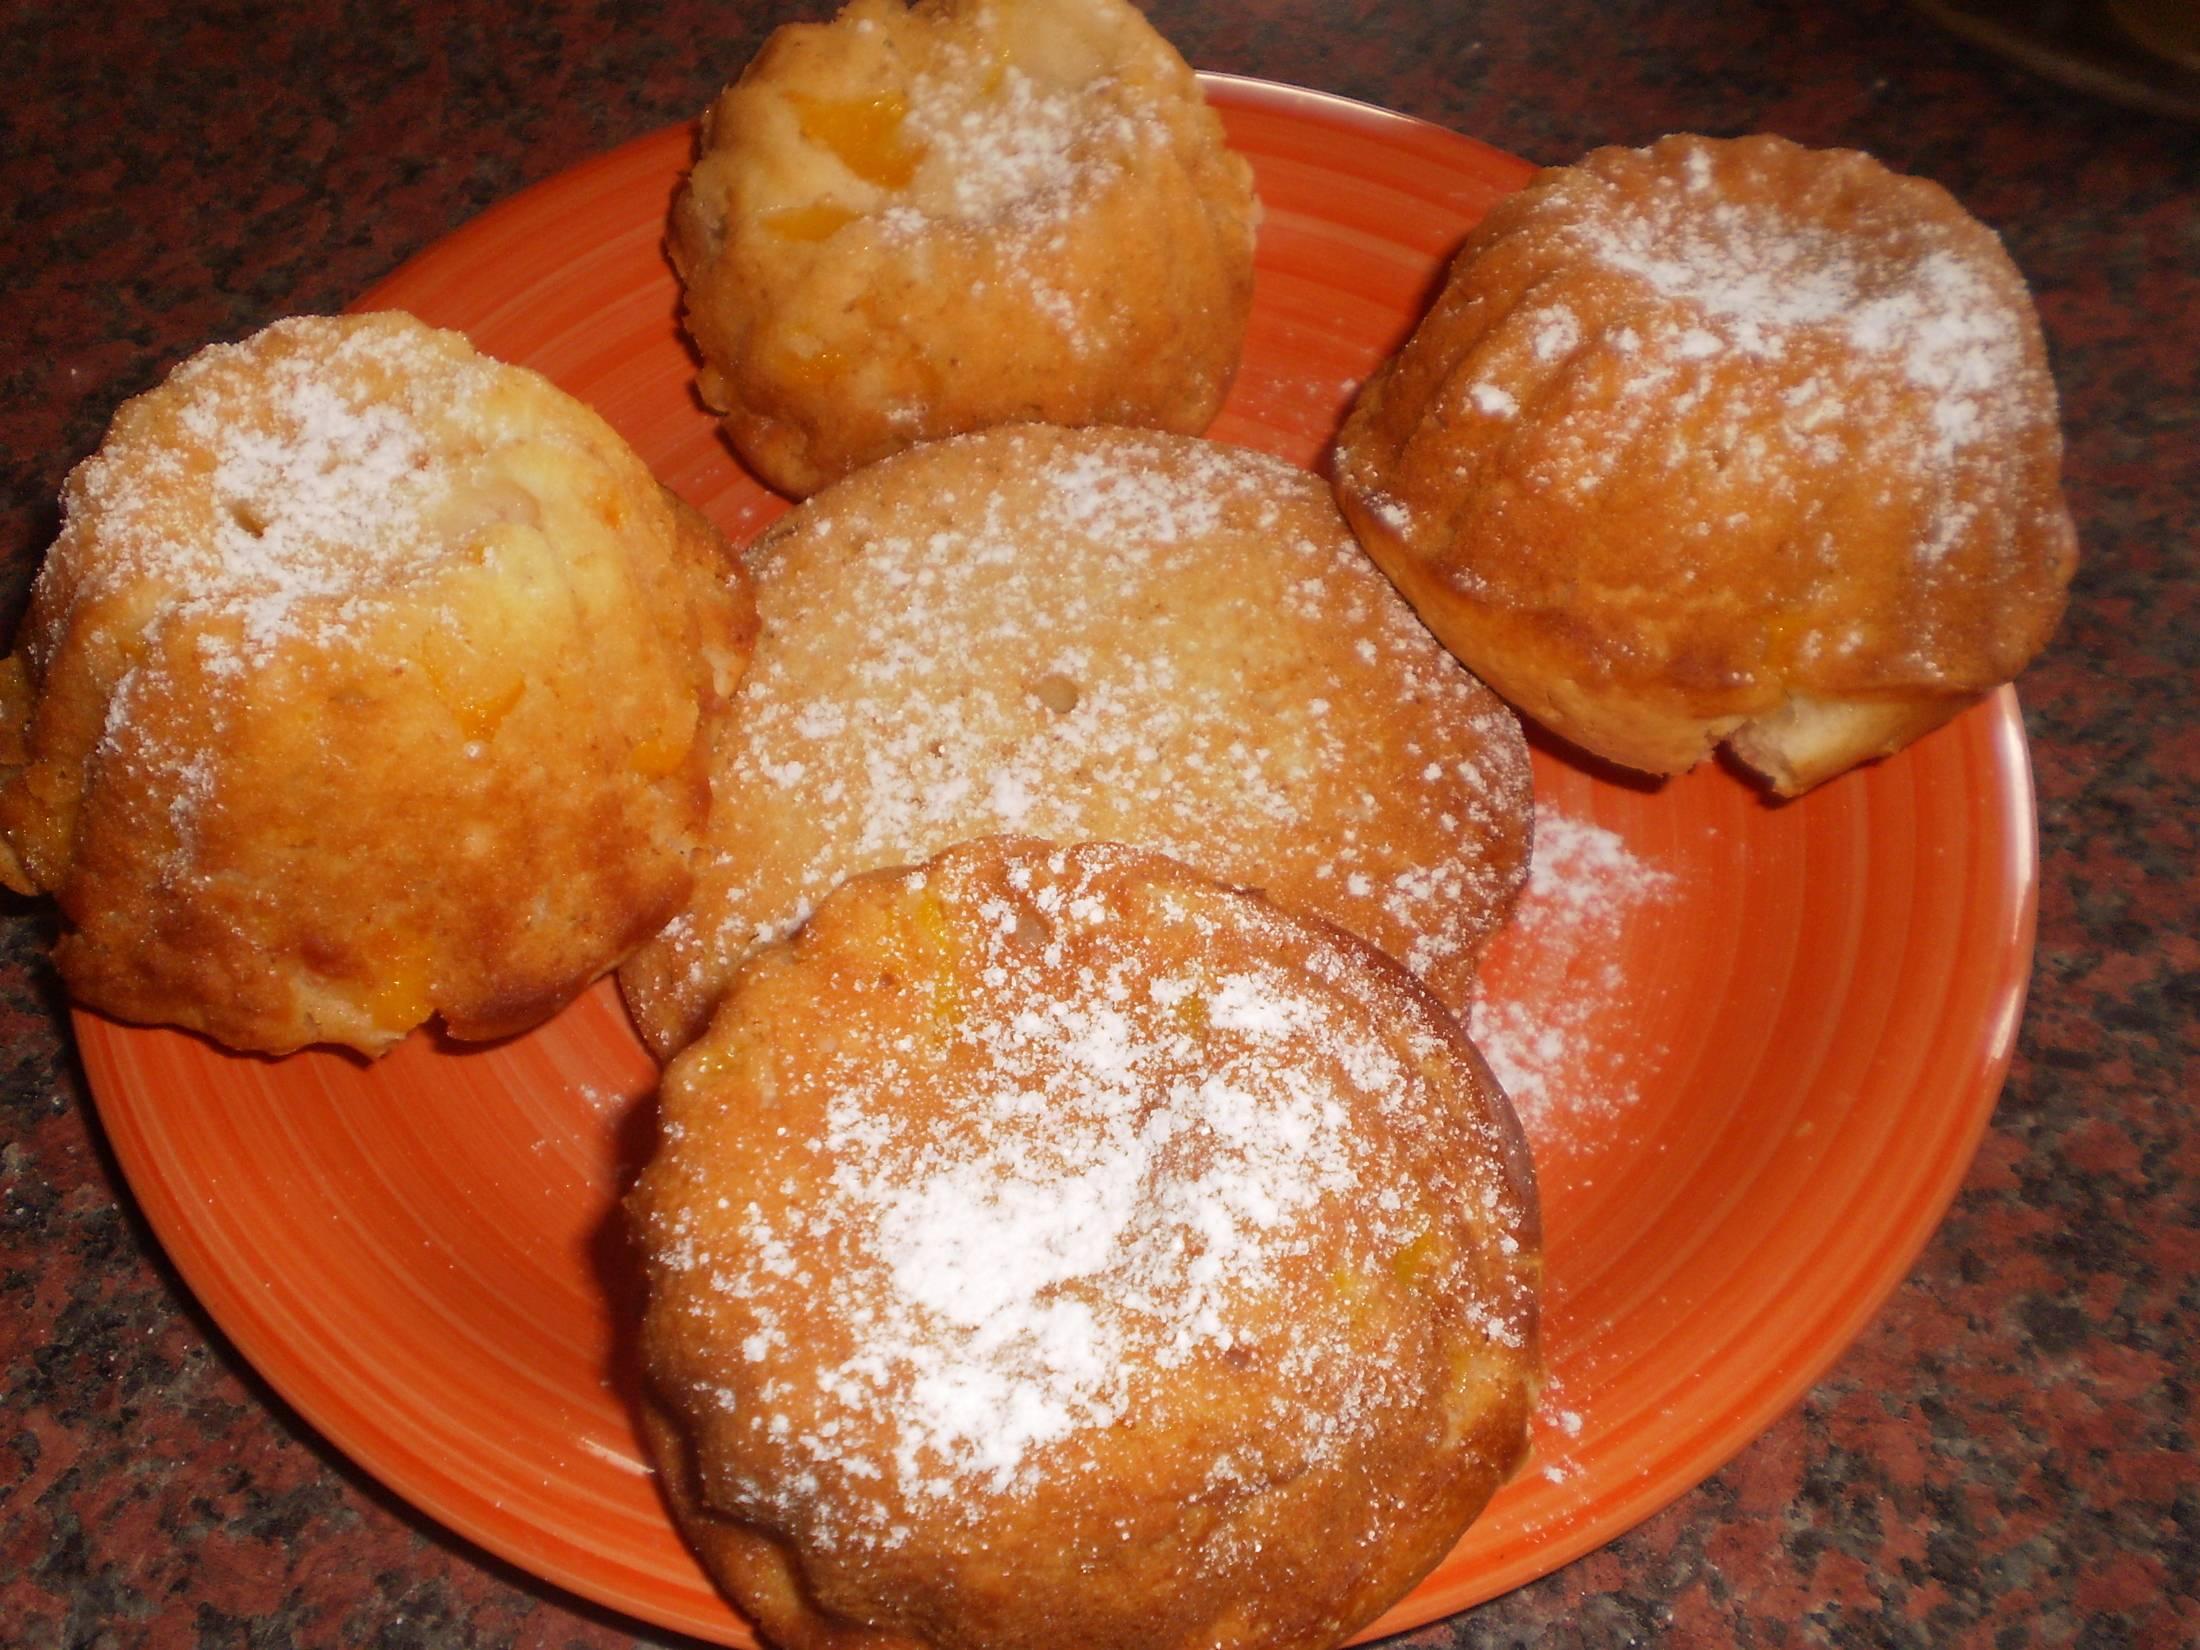 Recept Jogurtové muffiny - Výborné muffiny. Dala jsem kompotované broskve a moc dobré. Už jiné dělat nebudu. Moc dobrý a jednoduchý recept.